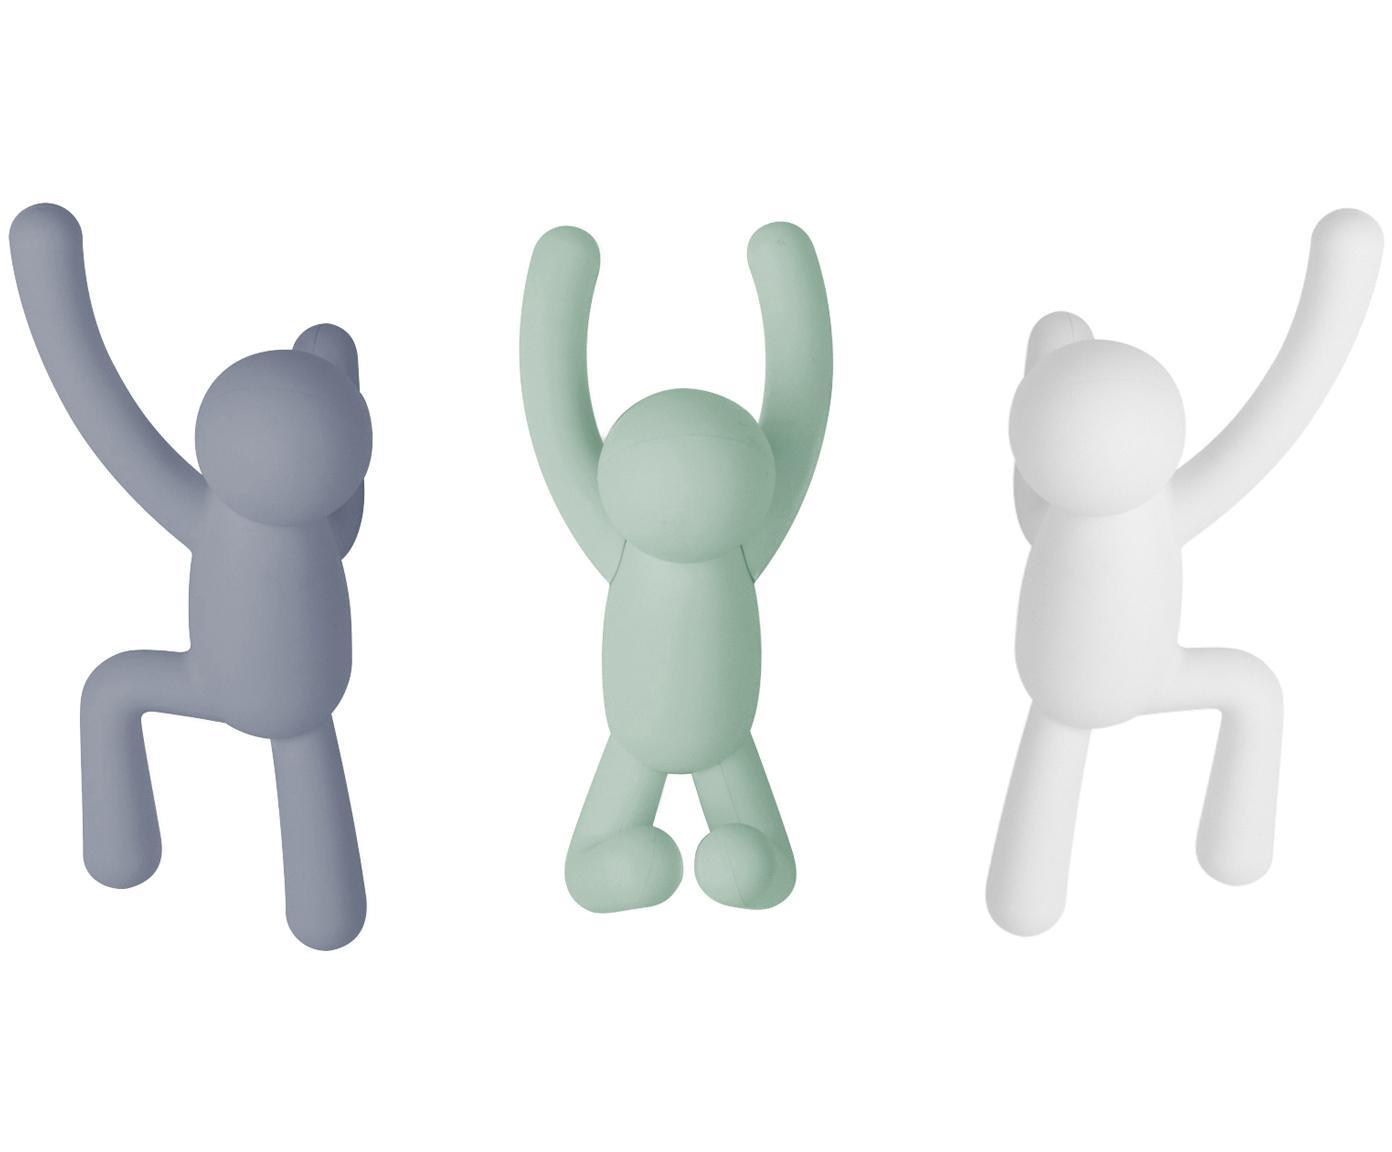 Komplet haków ściennych Buddy, 3 elem., Tworzywo sztuczne ABS, Niebieski, miętowy, biały, Różne rozmiary